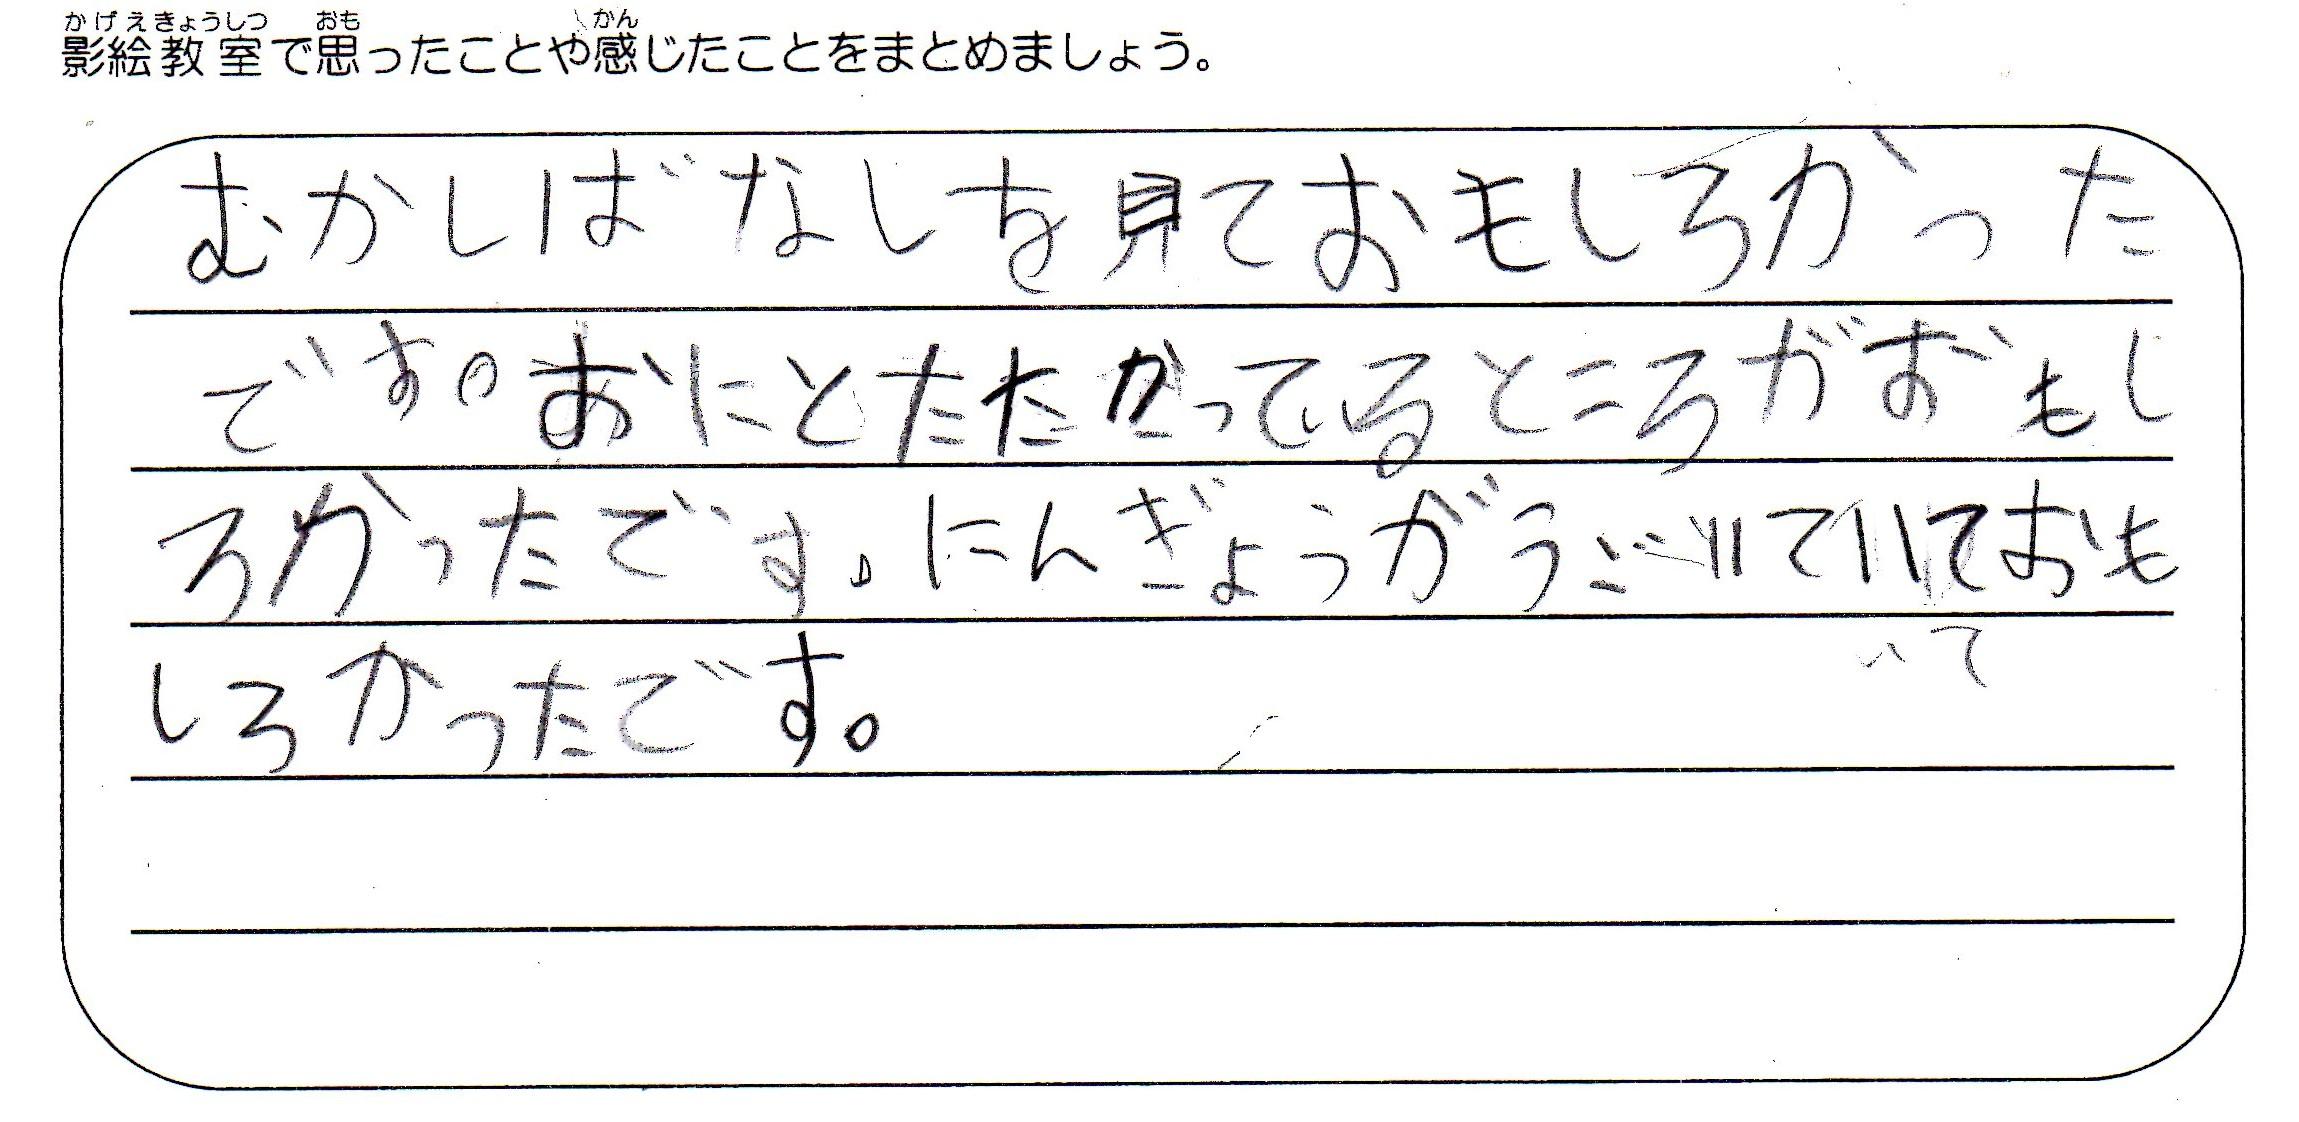 2019年9月10日(火)千葉県野田市立福田第二小学校で公演をしました。2年生の声です。